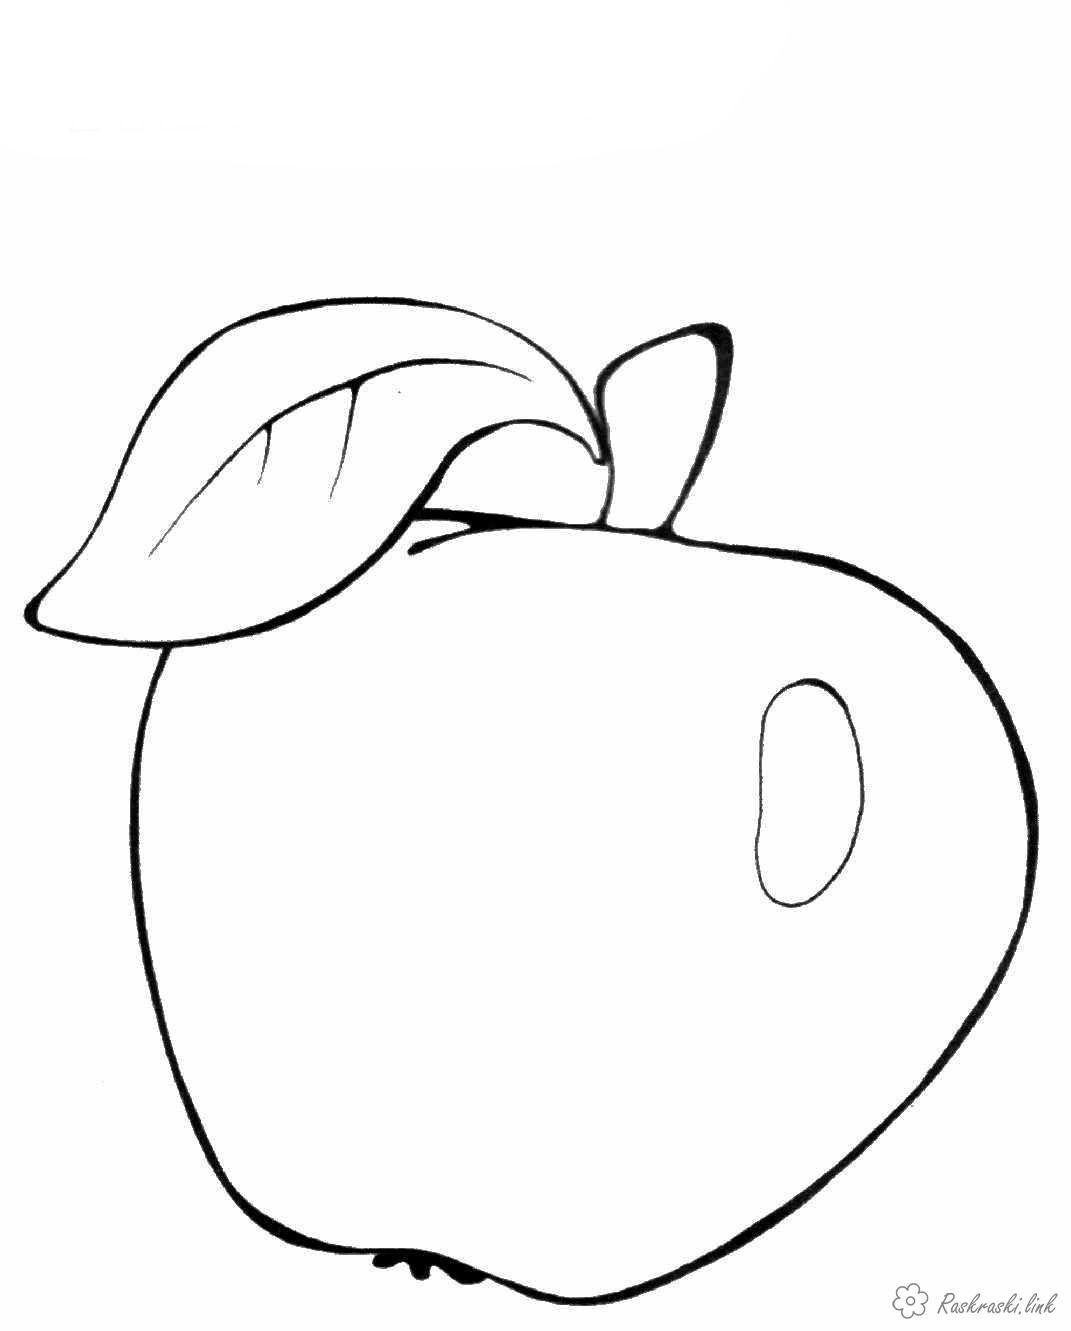 Яблоки Раскраски распечатать бесплатно.